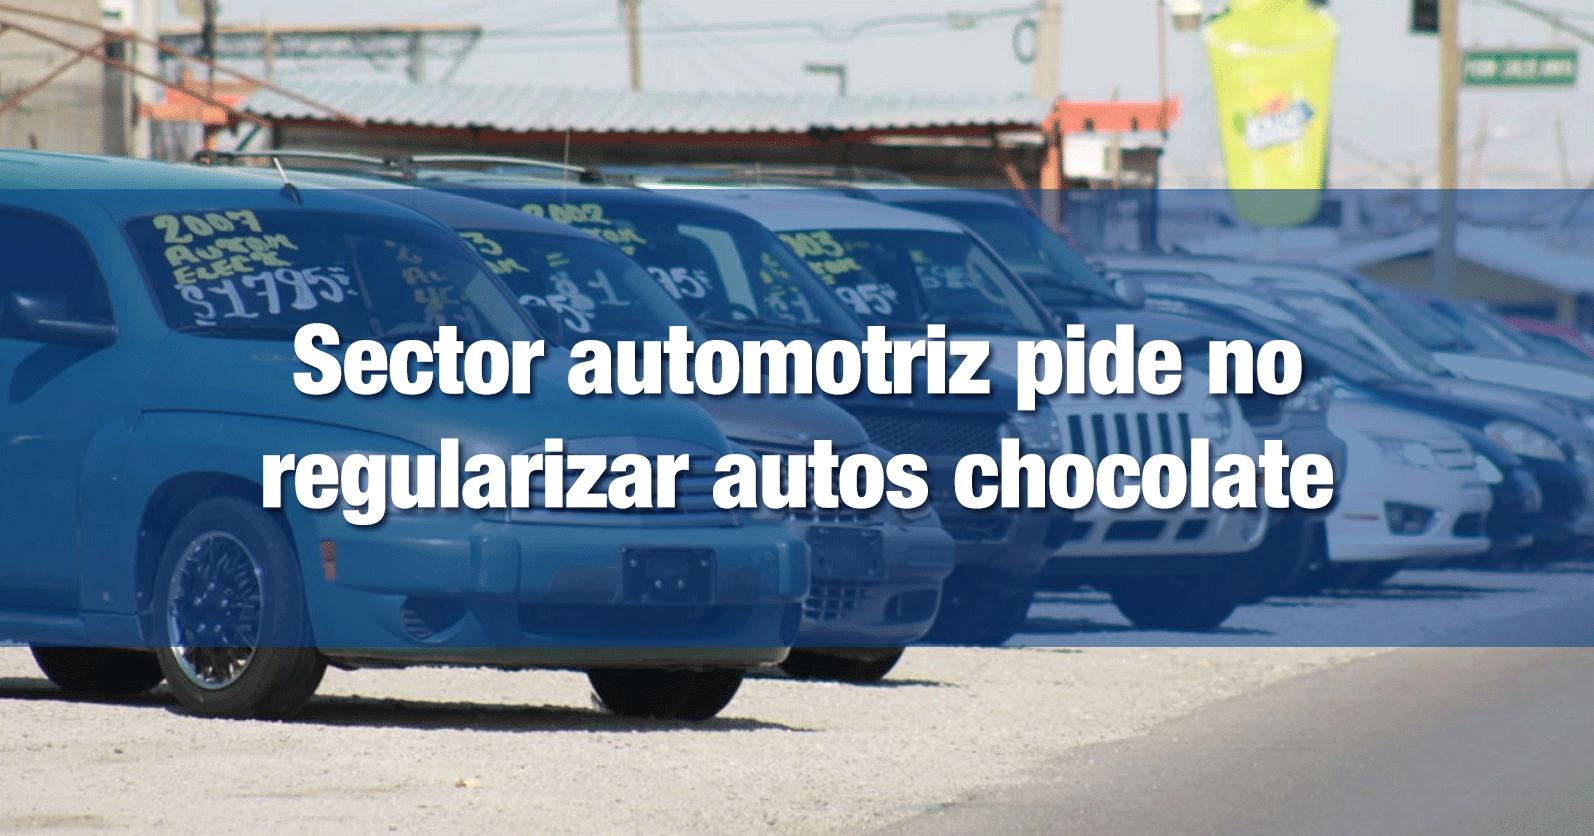 Sector automotriz pide no regularizar autos chocolate